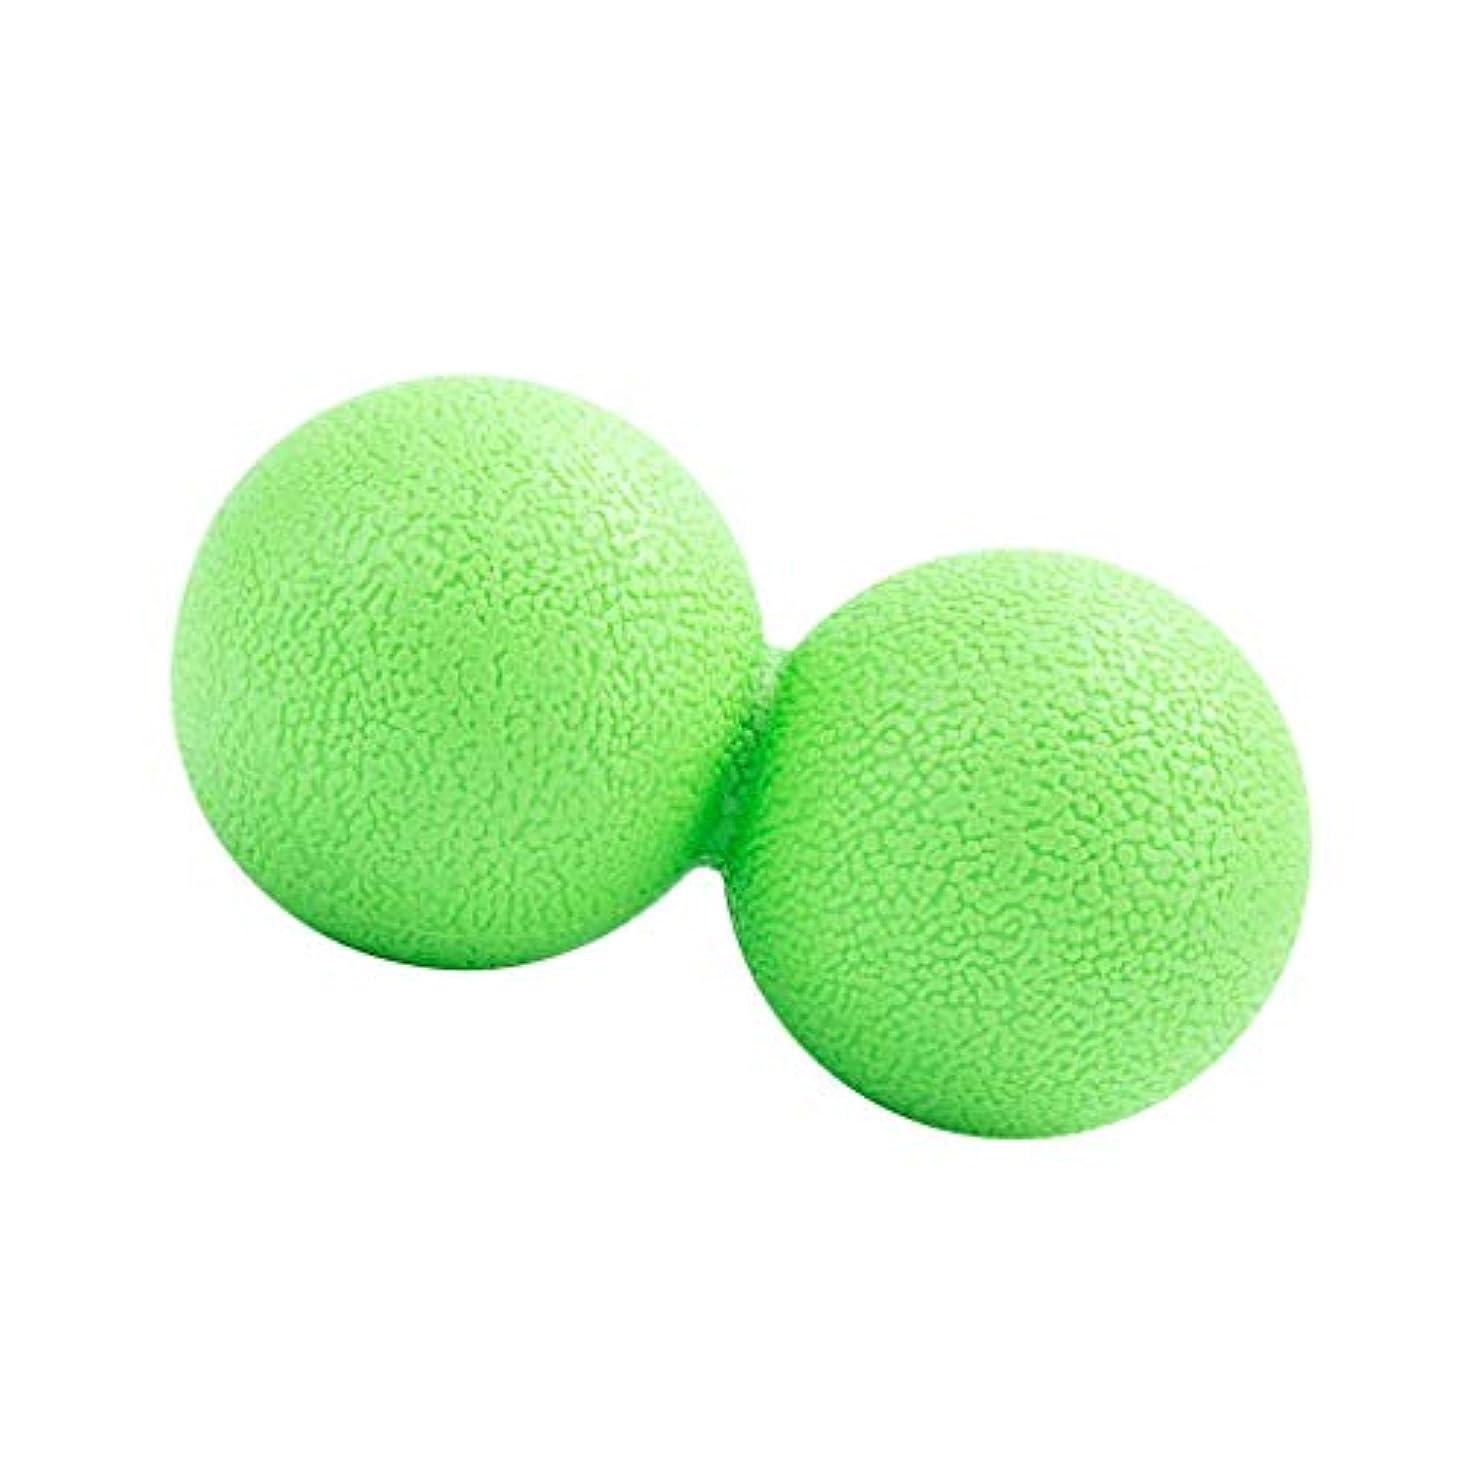 終わらせる人固体Baoblaze マッサージボール ピーナッツ型 筋リラクサー モビリティボール 健康器具 全2色 - 緑, 13cm